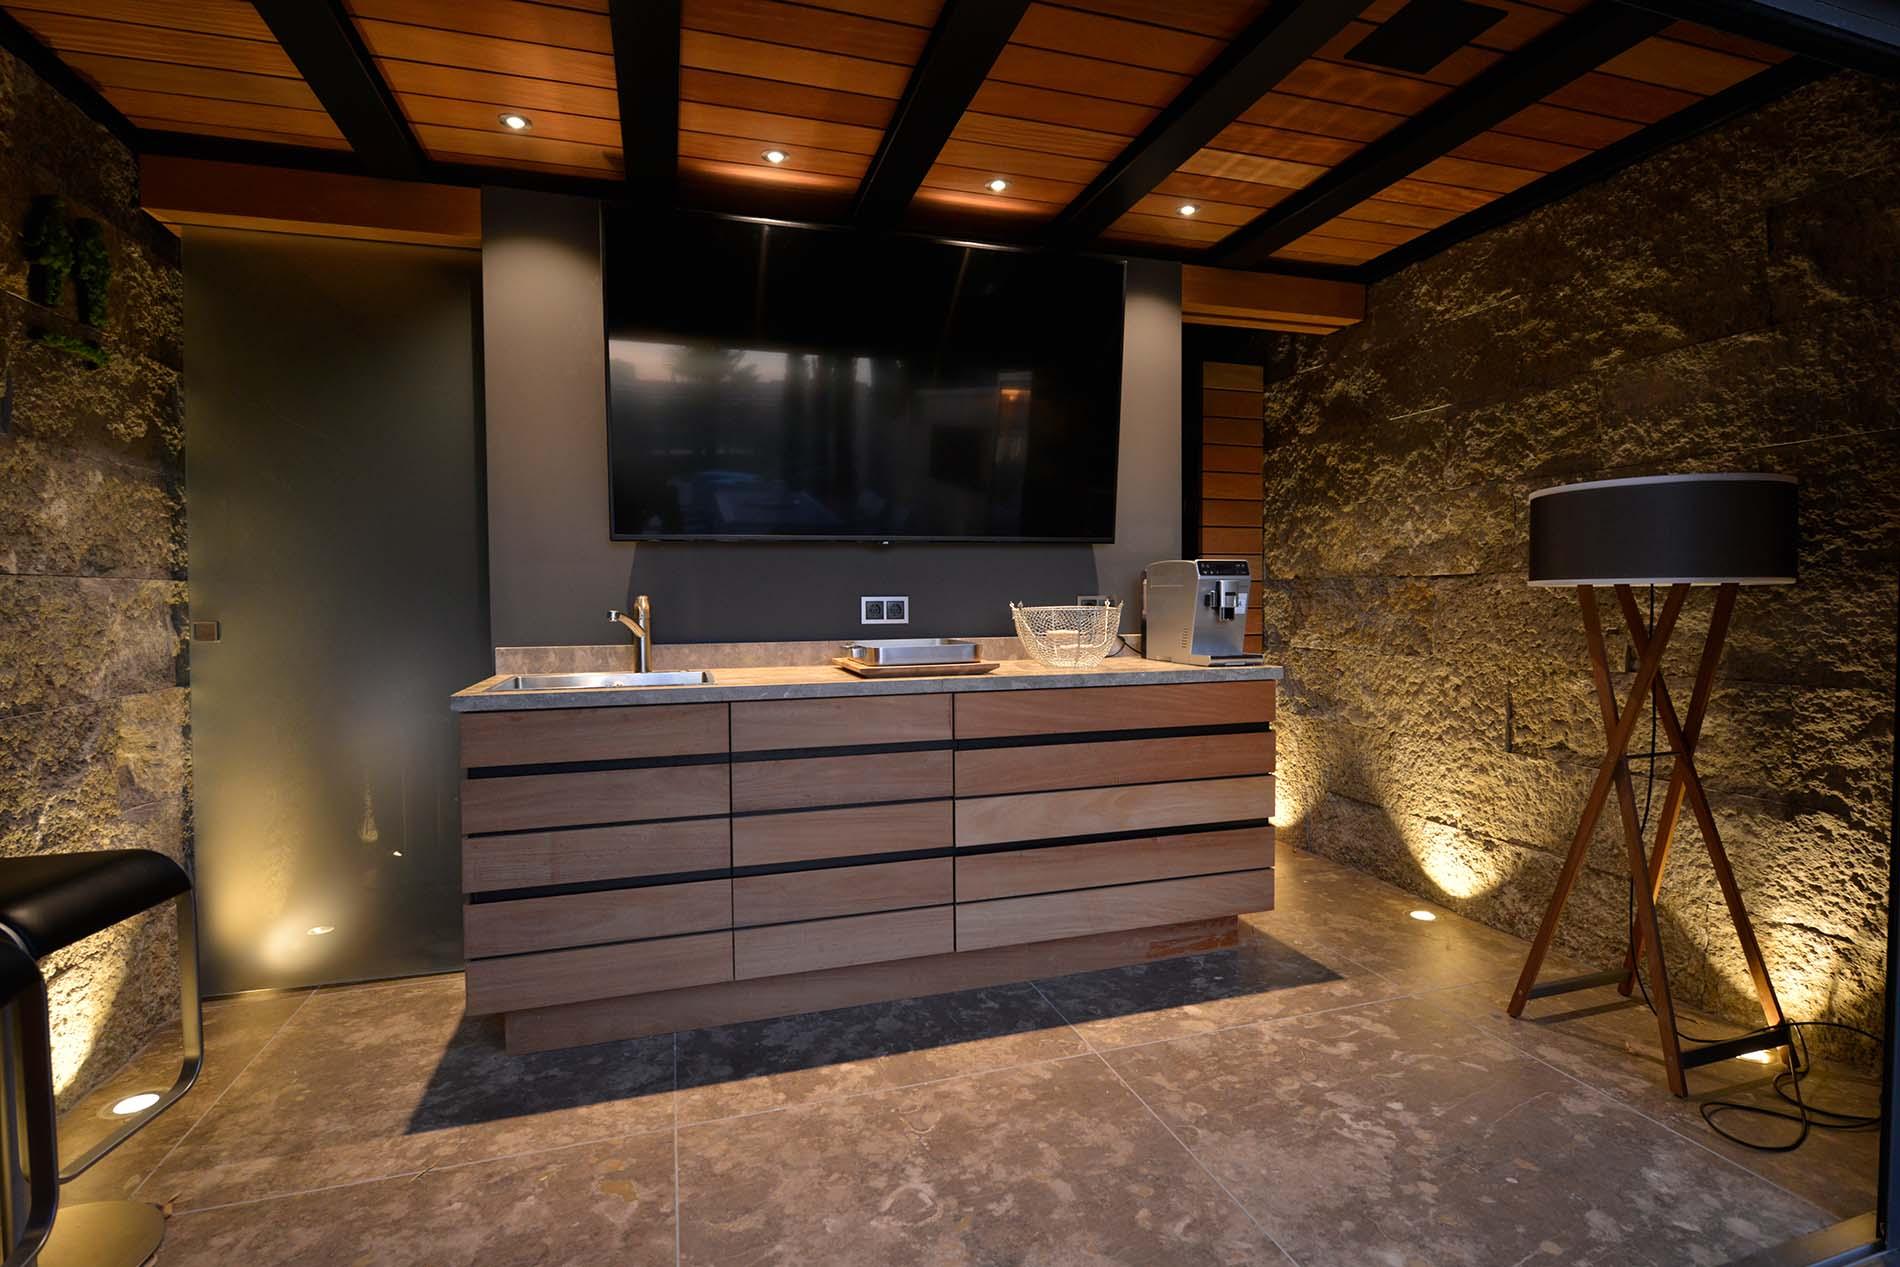 Villa - mit einem Natursteinboden, Küchenarbeitsplatte und einer Wandverkleidung aus Limes Dolomit